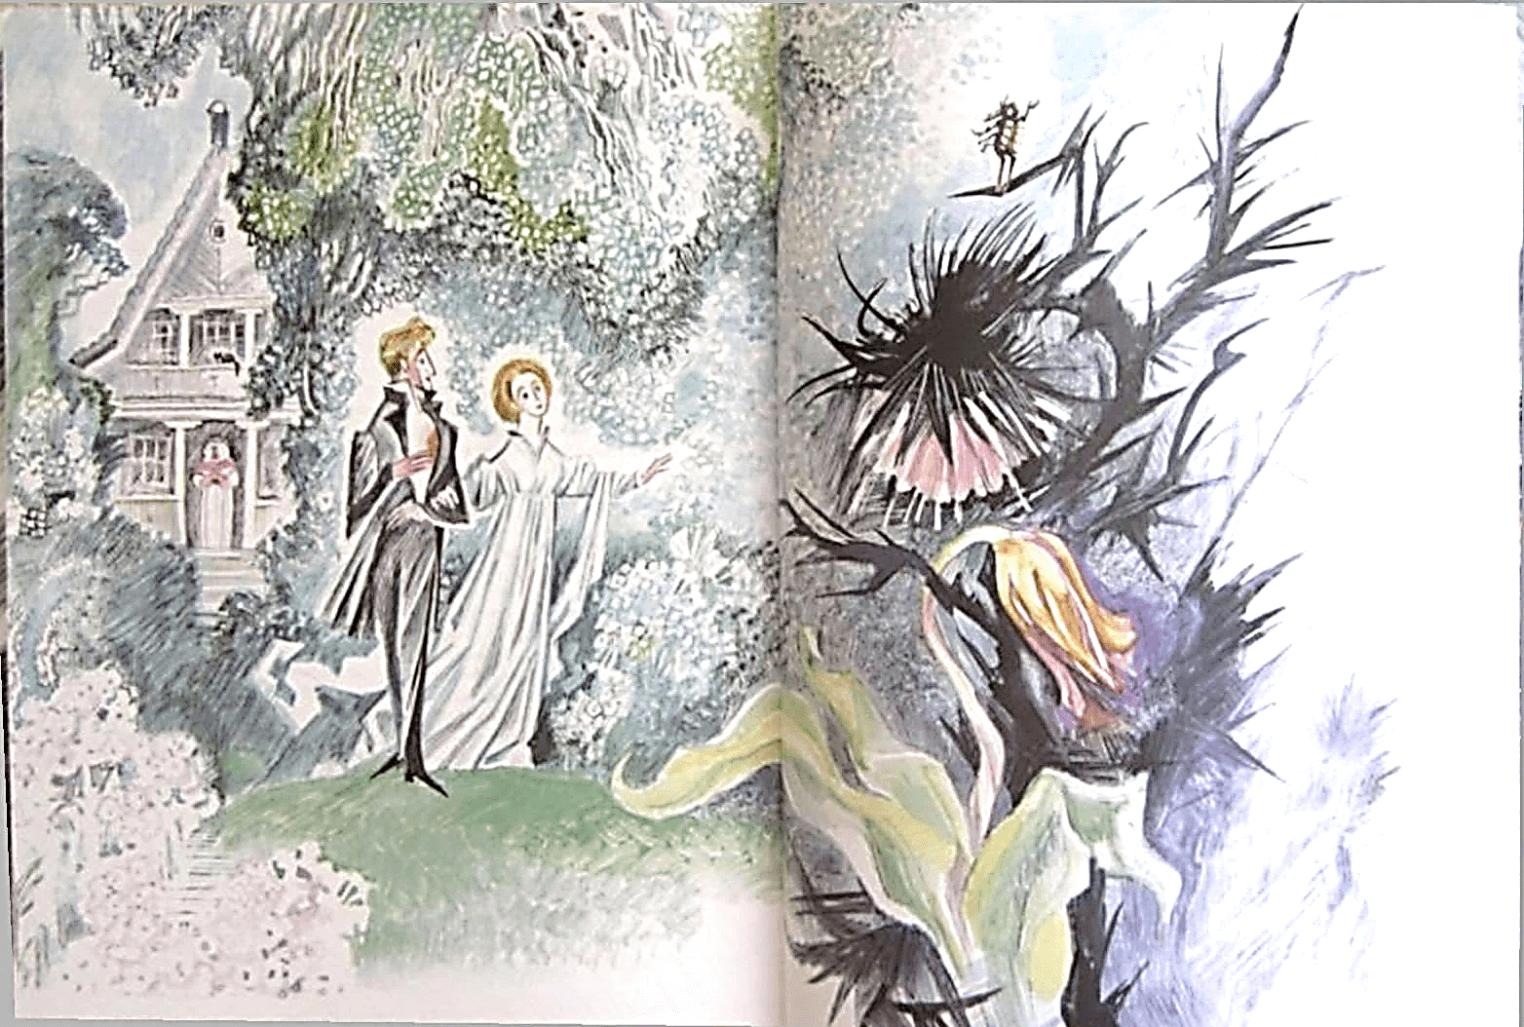 Иллюстрация Н.Г Гольц к сказке Э.Т.А. Гофмана «Повелитель блох»